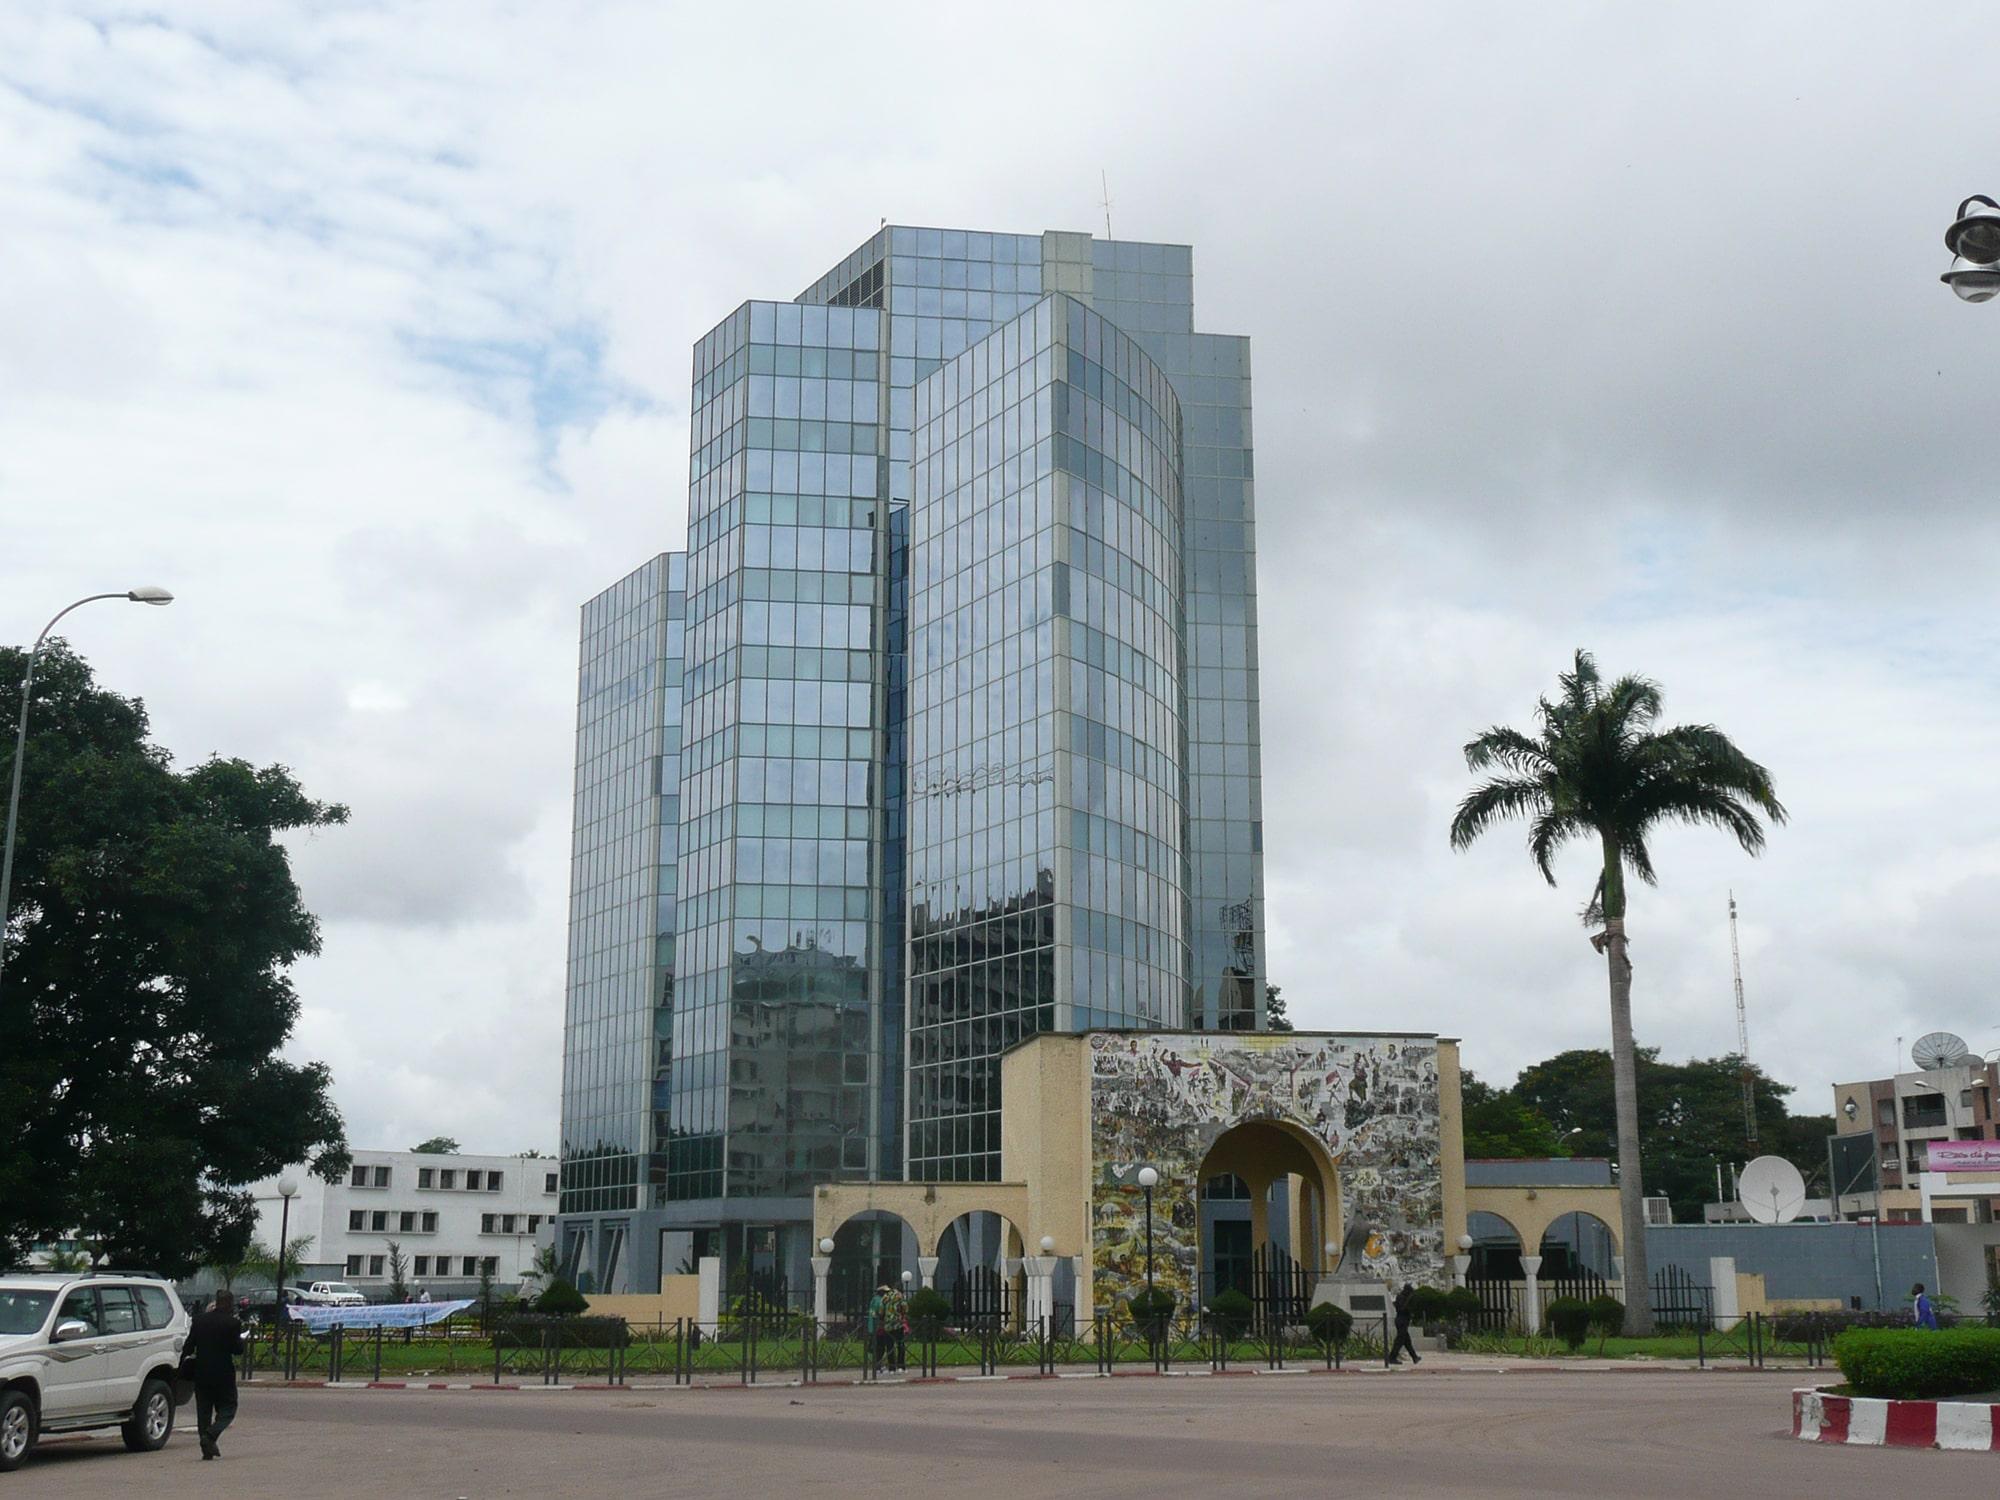 Siege A.R.C Congo Brazzaville